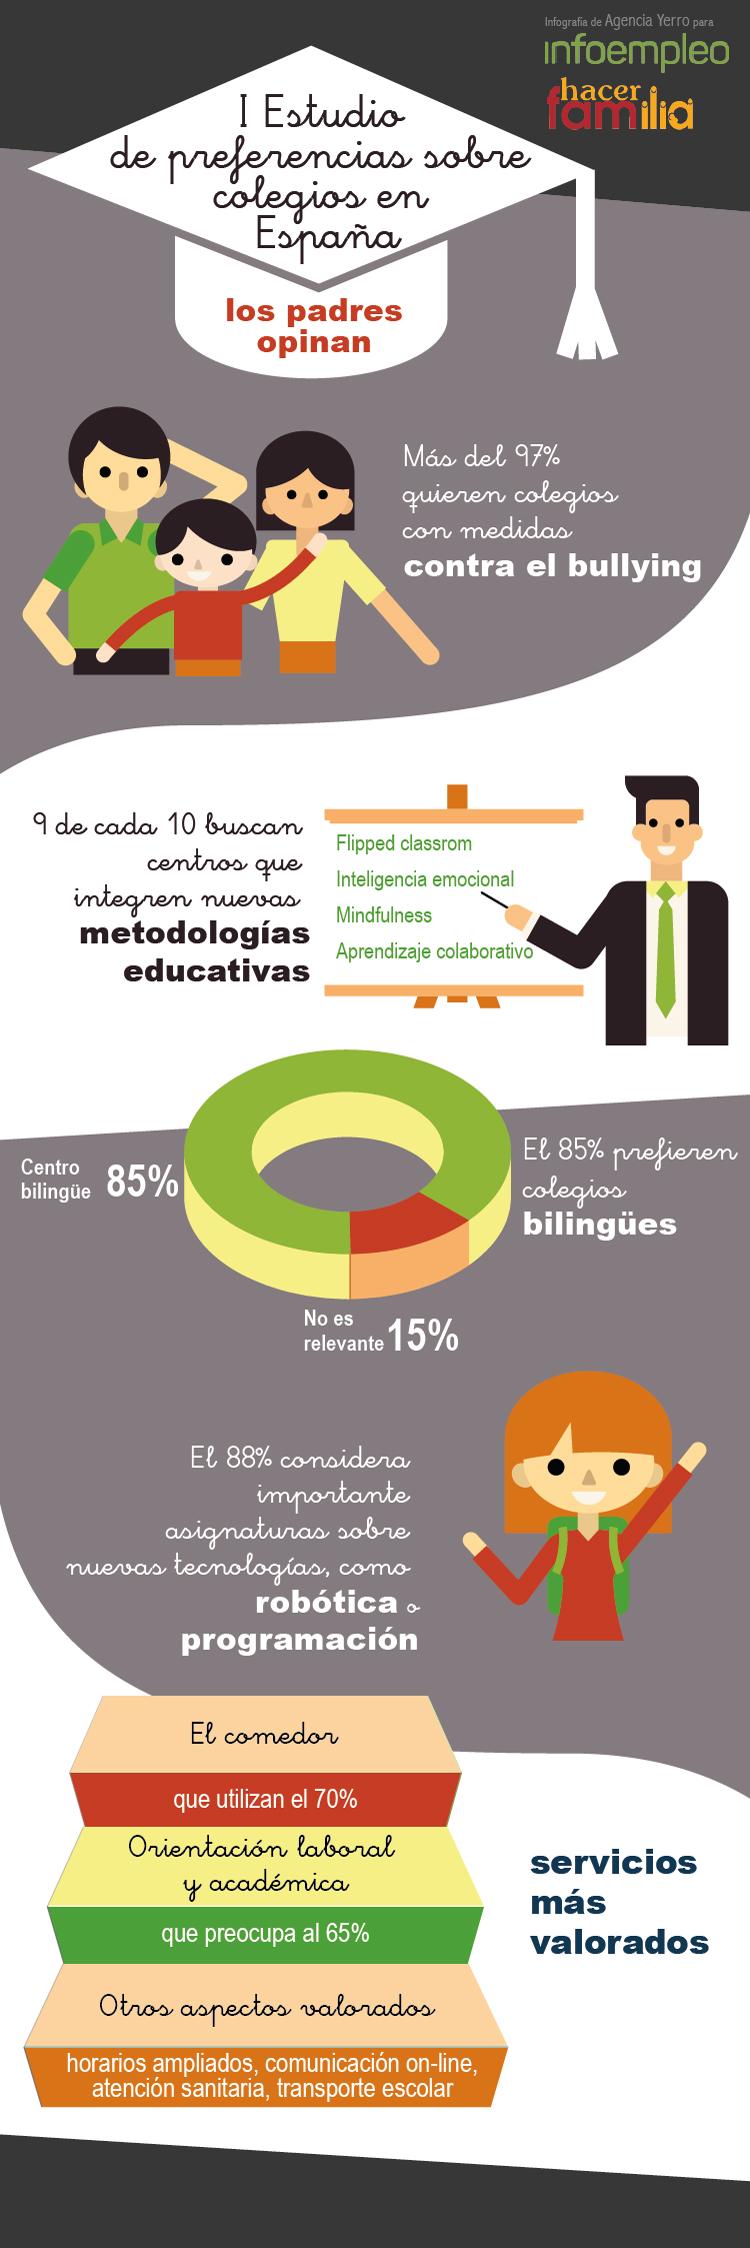 Guía de Colegios de España